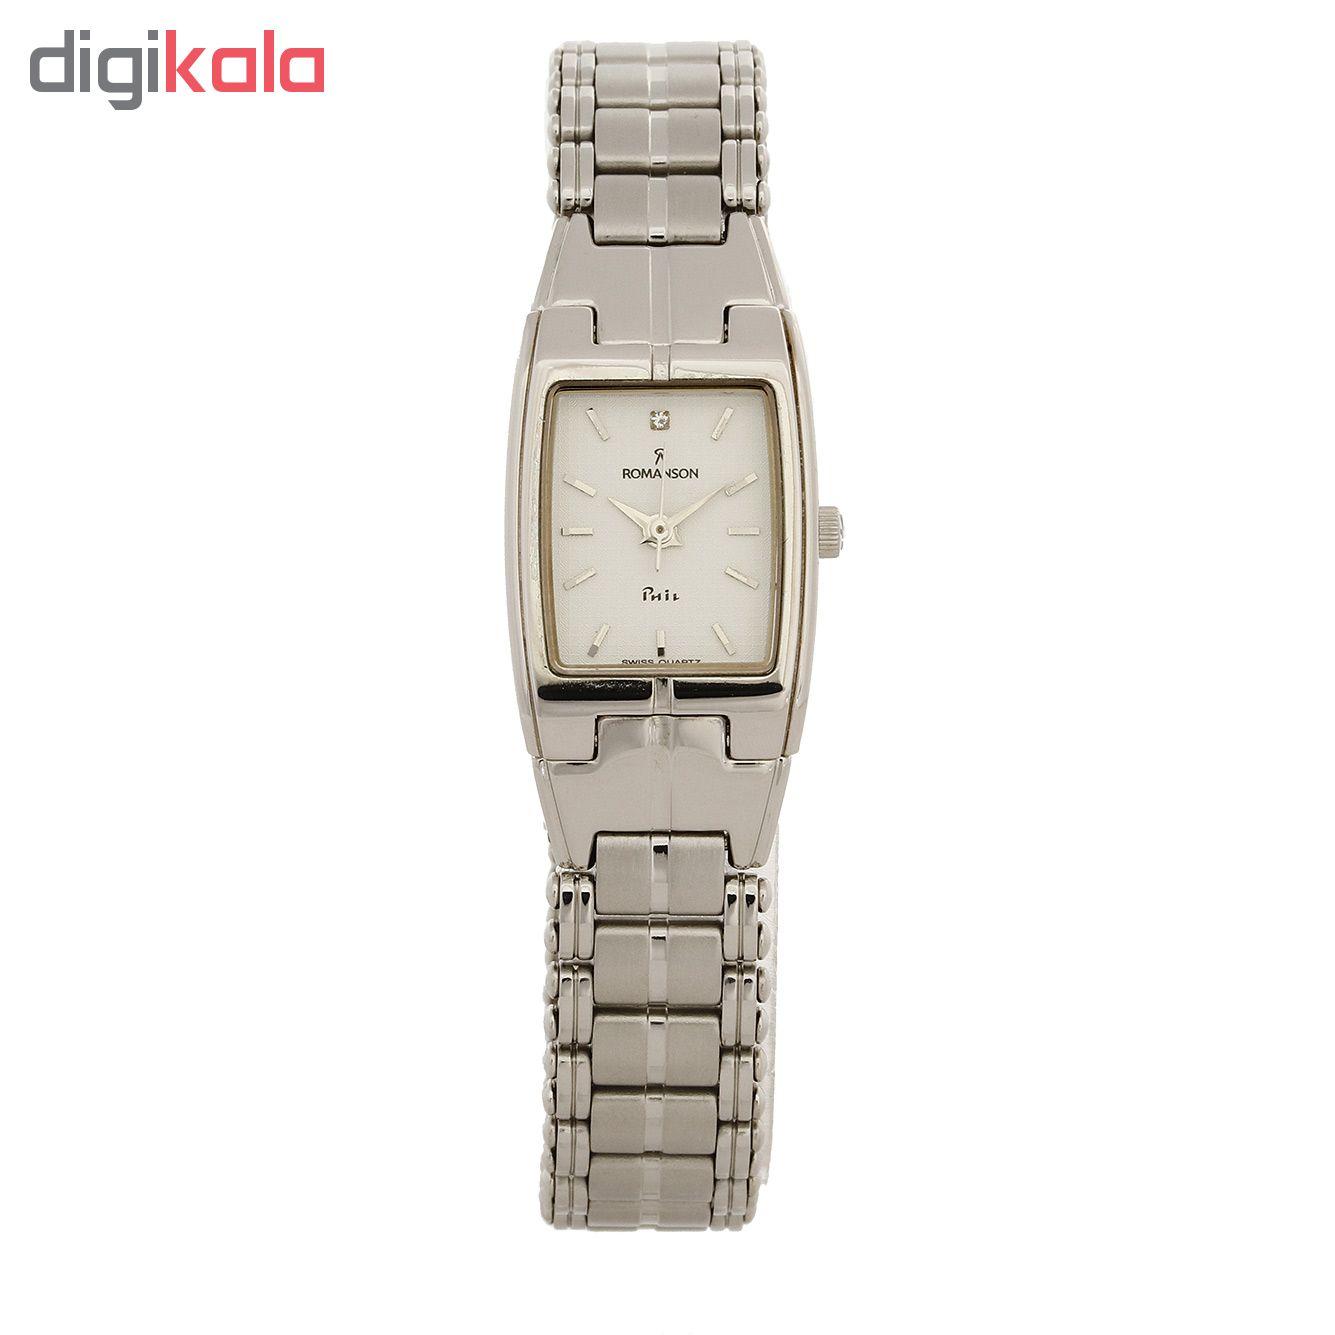 ساعت مچی عقربه ای زنانه رومانسون مدل NM3513LL1WAS2W              خرید (⭐️⭐️⭐️)